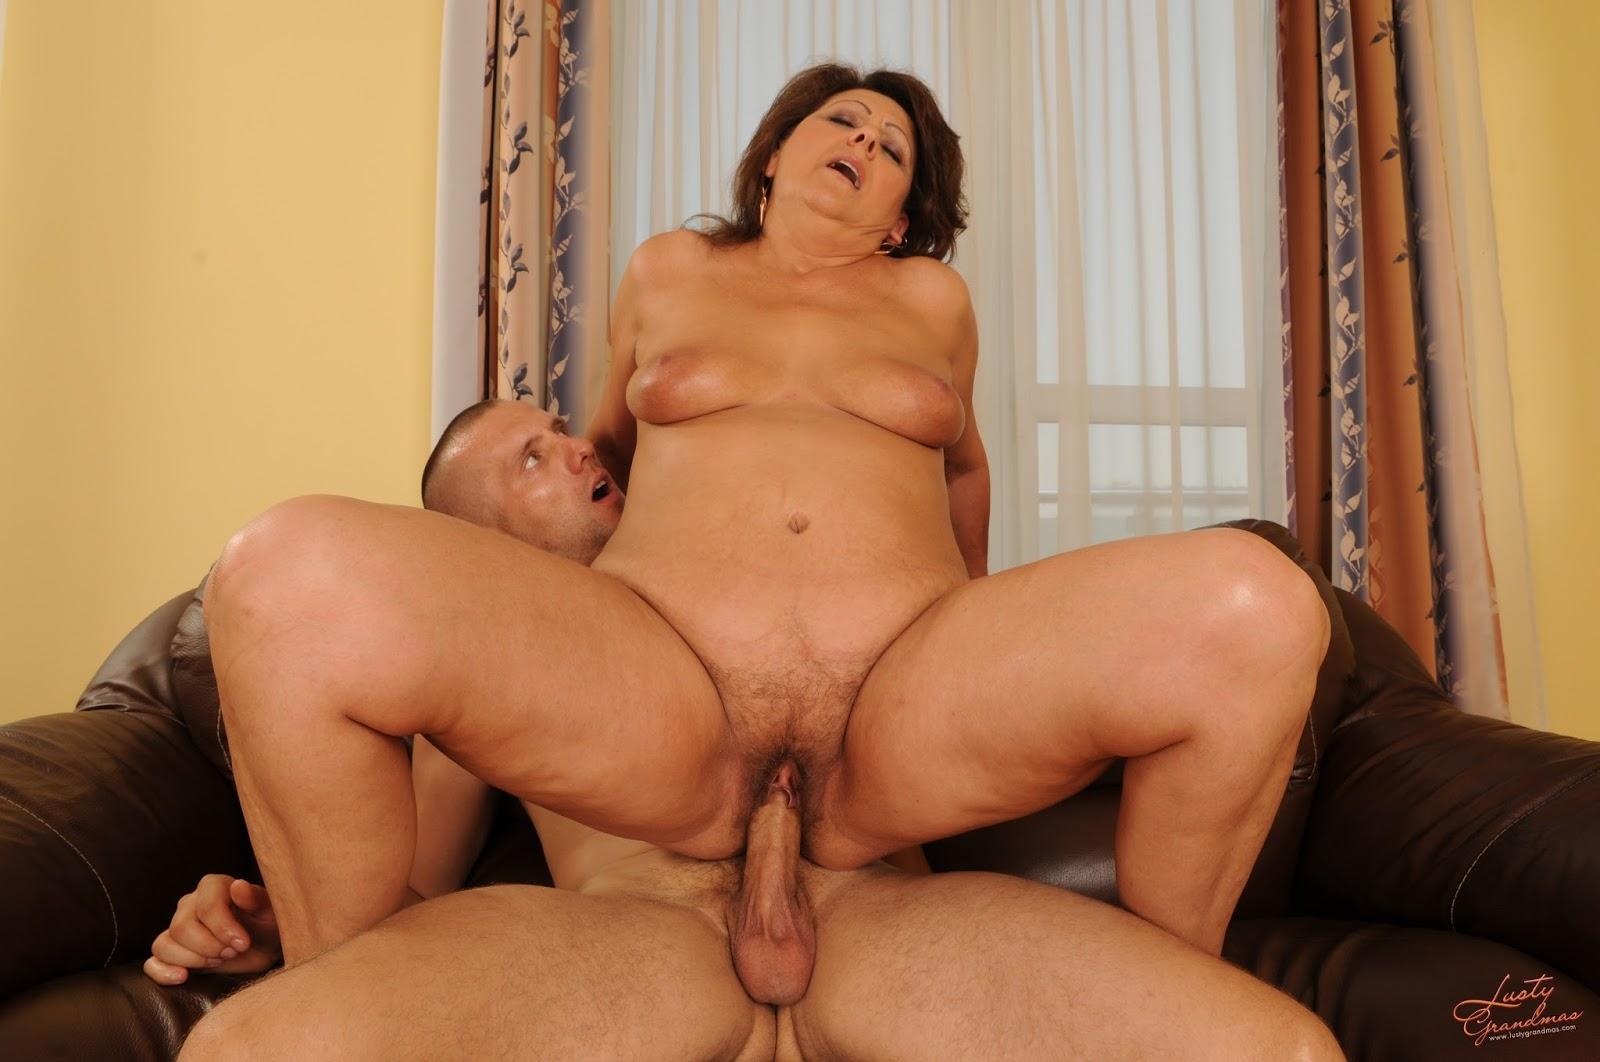 Секс парня и зрелой женщины, Зрелые женщины с молодыми парнями порно 2 фотография